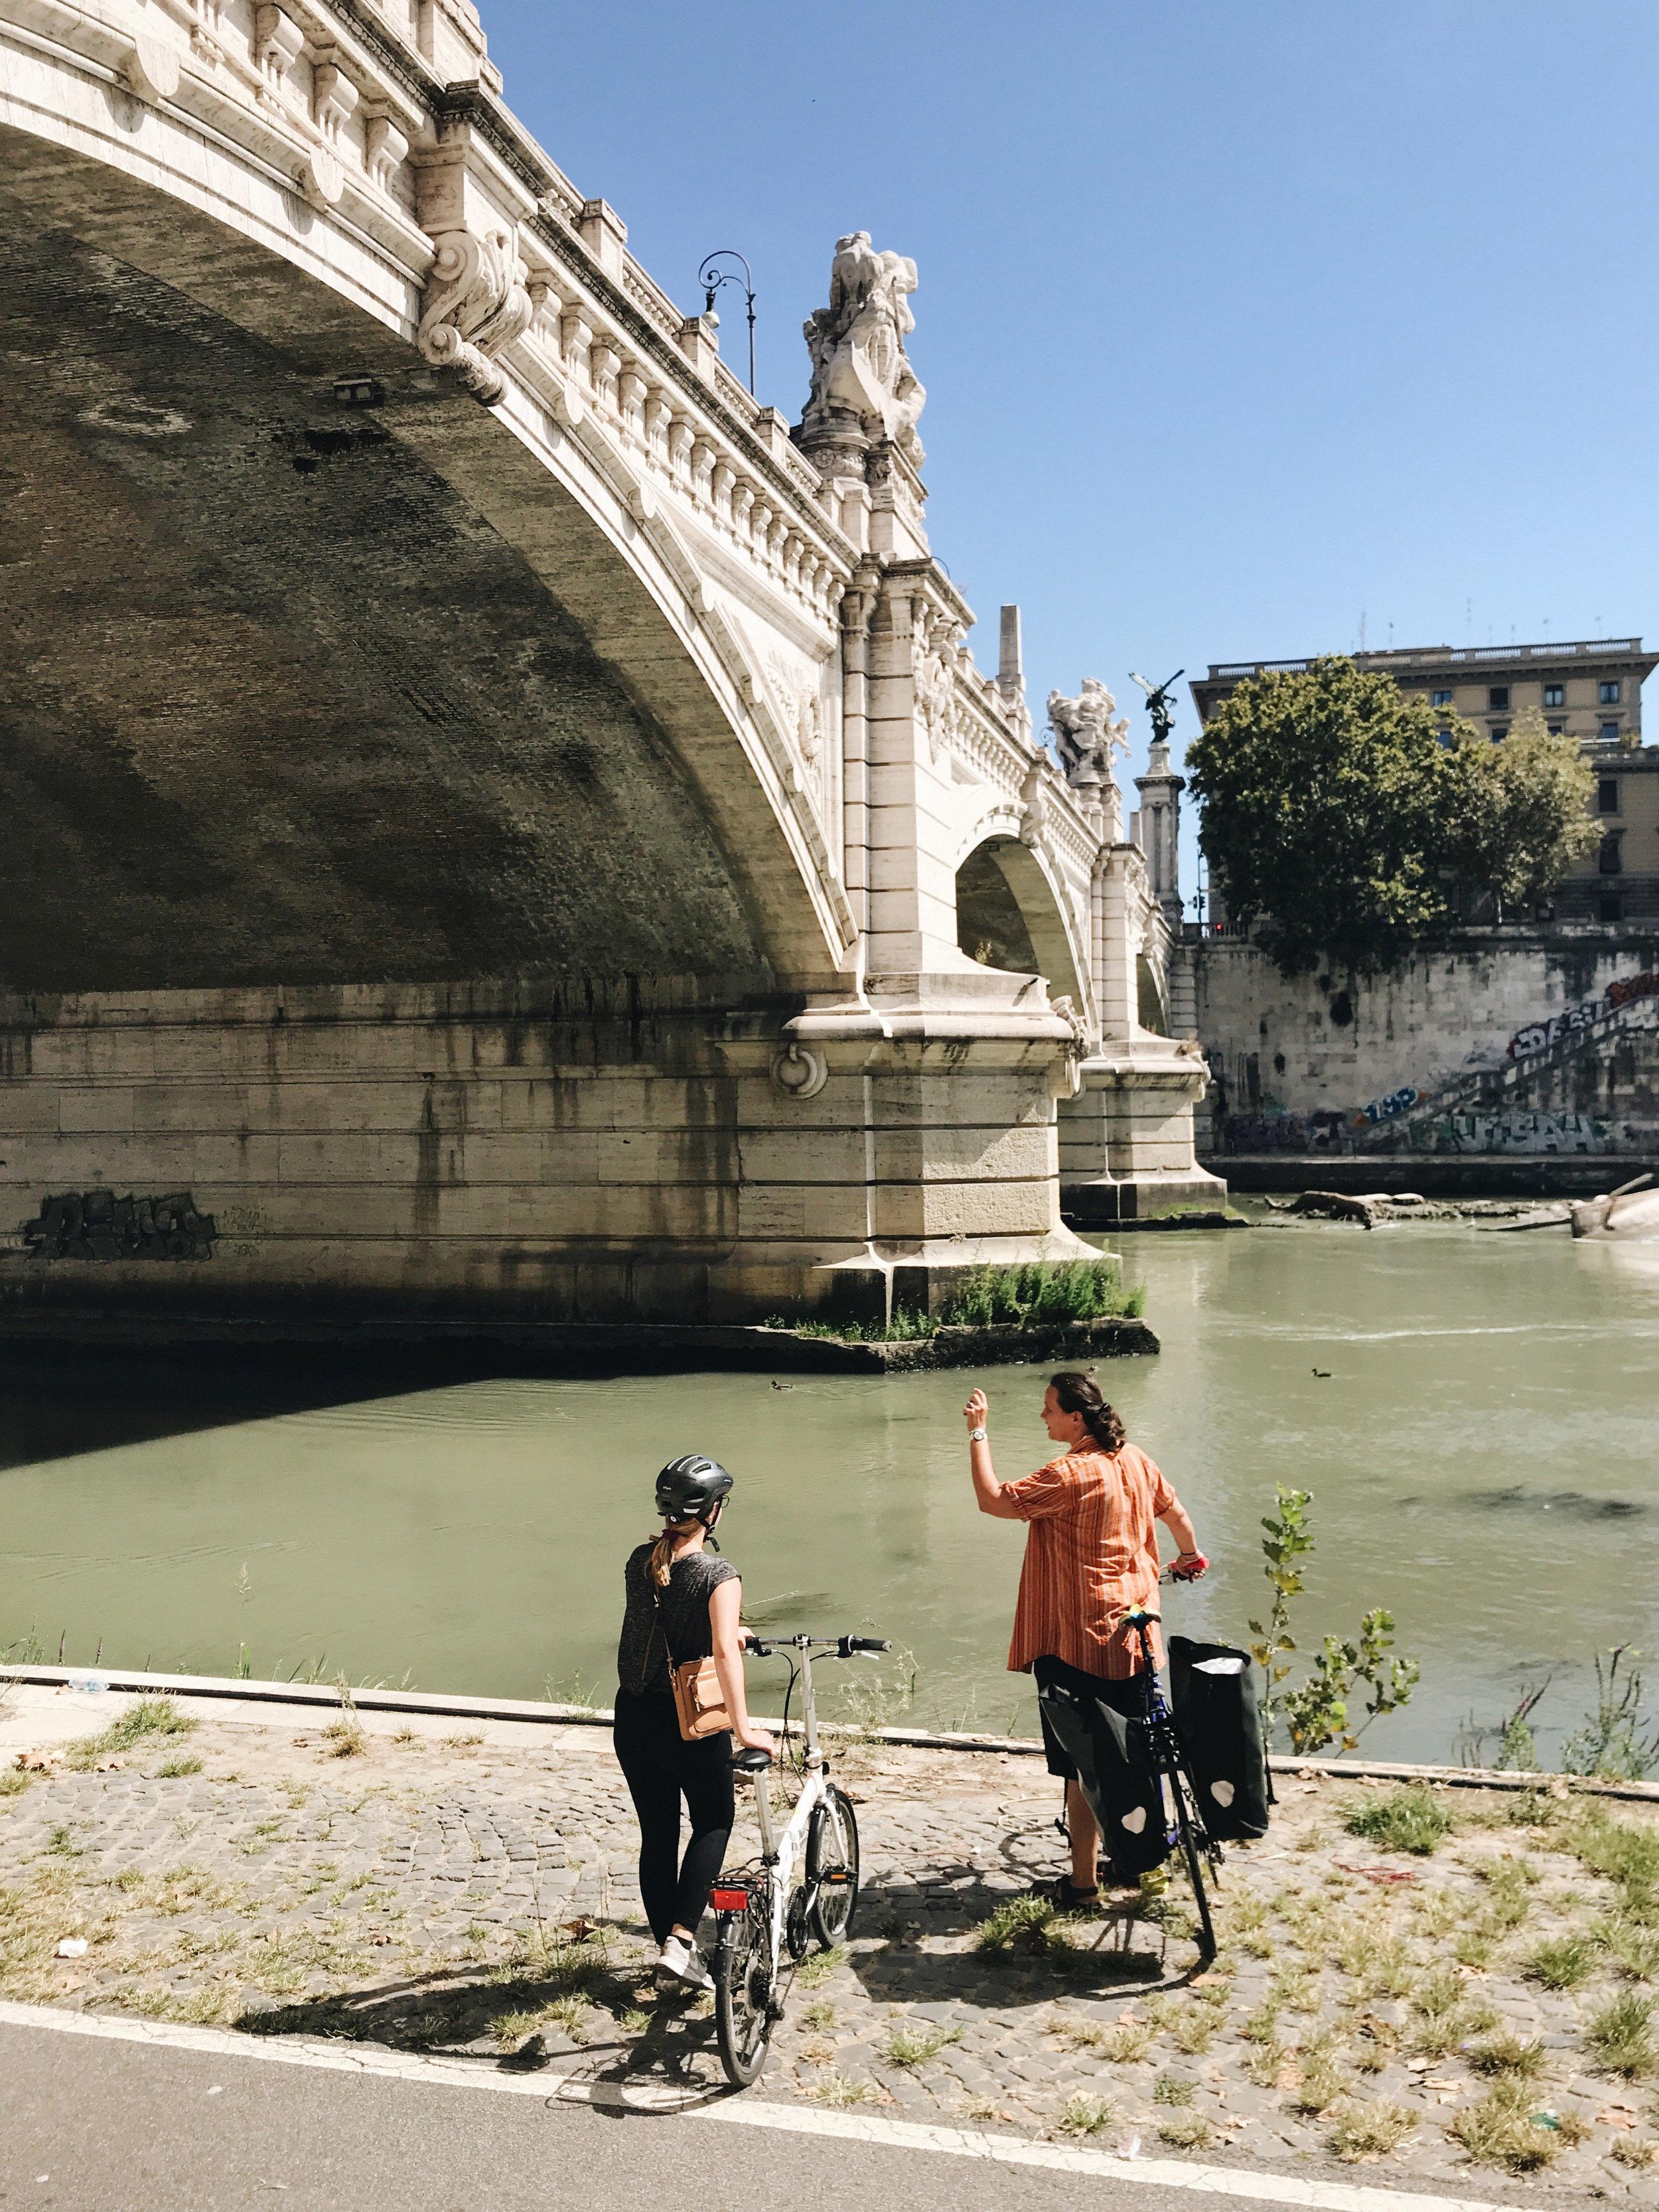 Italy-Positano-Rome-Amalfi-Coast-Lena-Mirisola-23.JPG